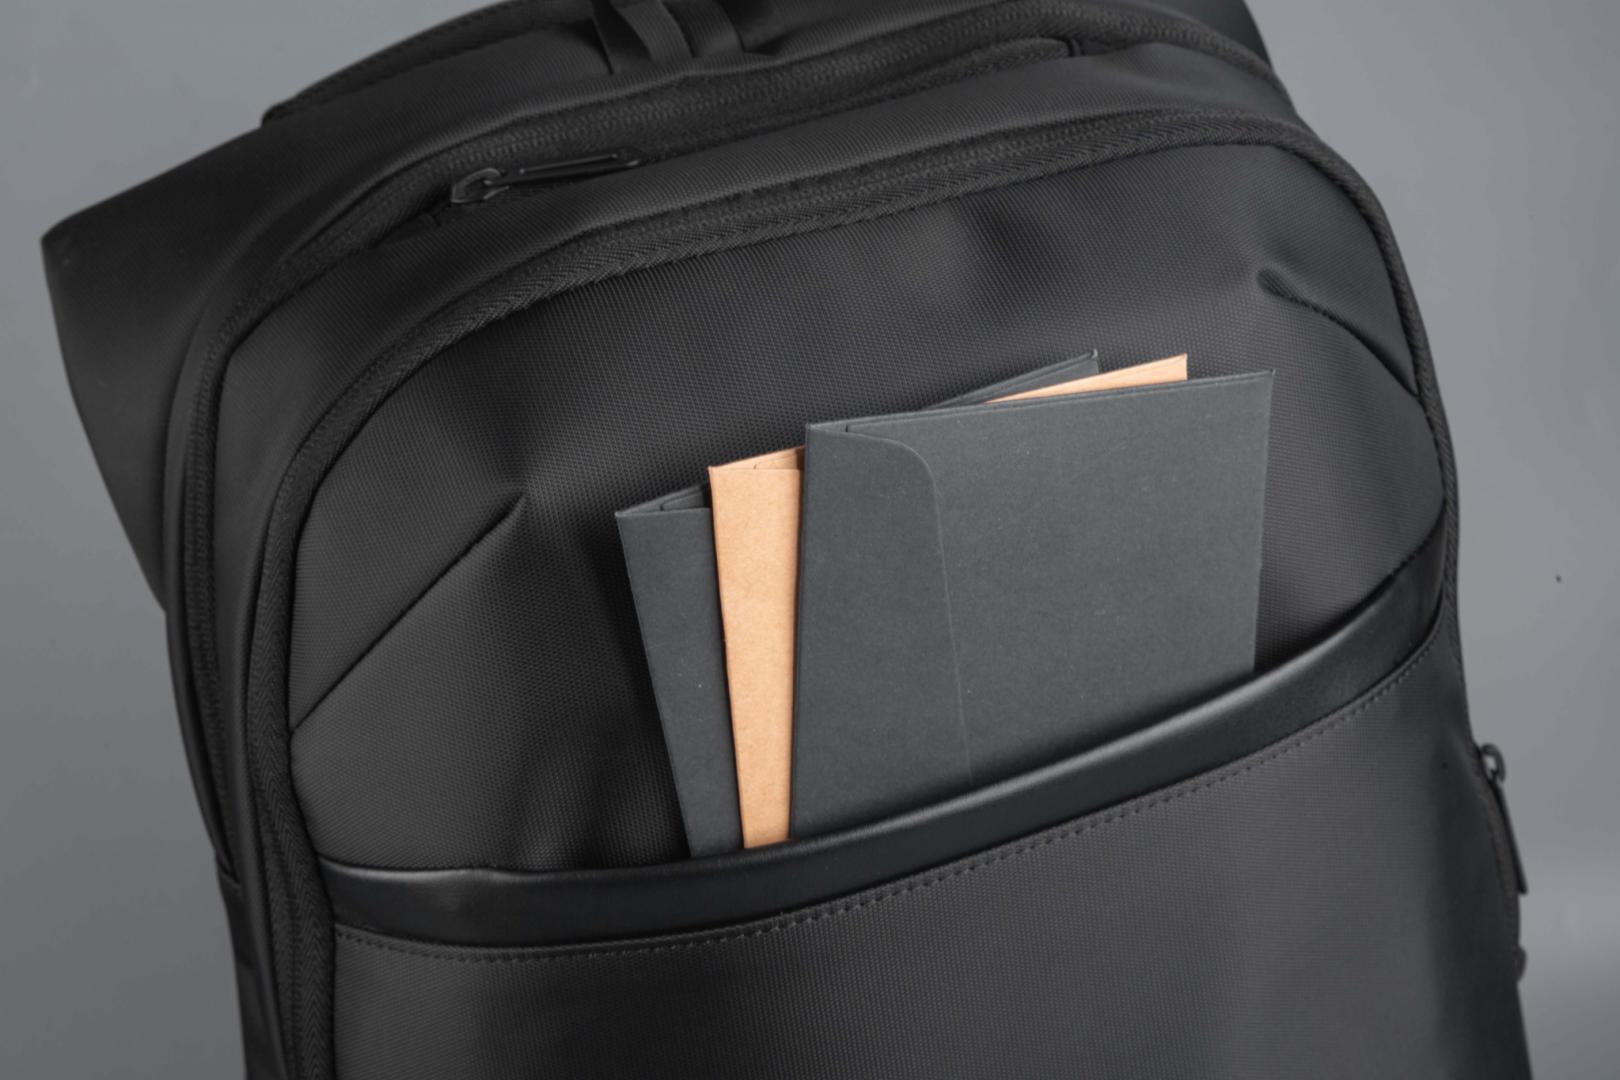 """Rucsac notebook Serioux, SMART TRAVEL ST9588, dimensiuni: 32 x 19 x 46 cm, rezistent la apa, compartimente multiple, compartiment separat pentru notebook: max. 15.6"""", bretele ajustabile, port de încărcare USB, buzunar ascuns la spate, material poliester - imaginea 6"""